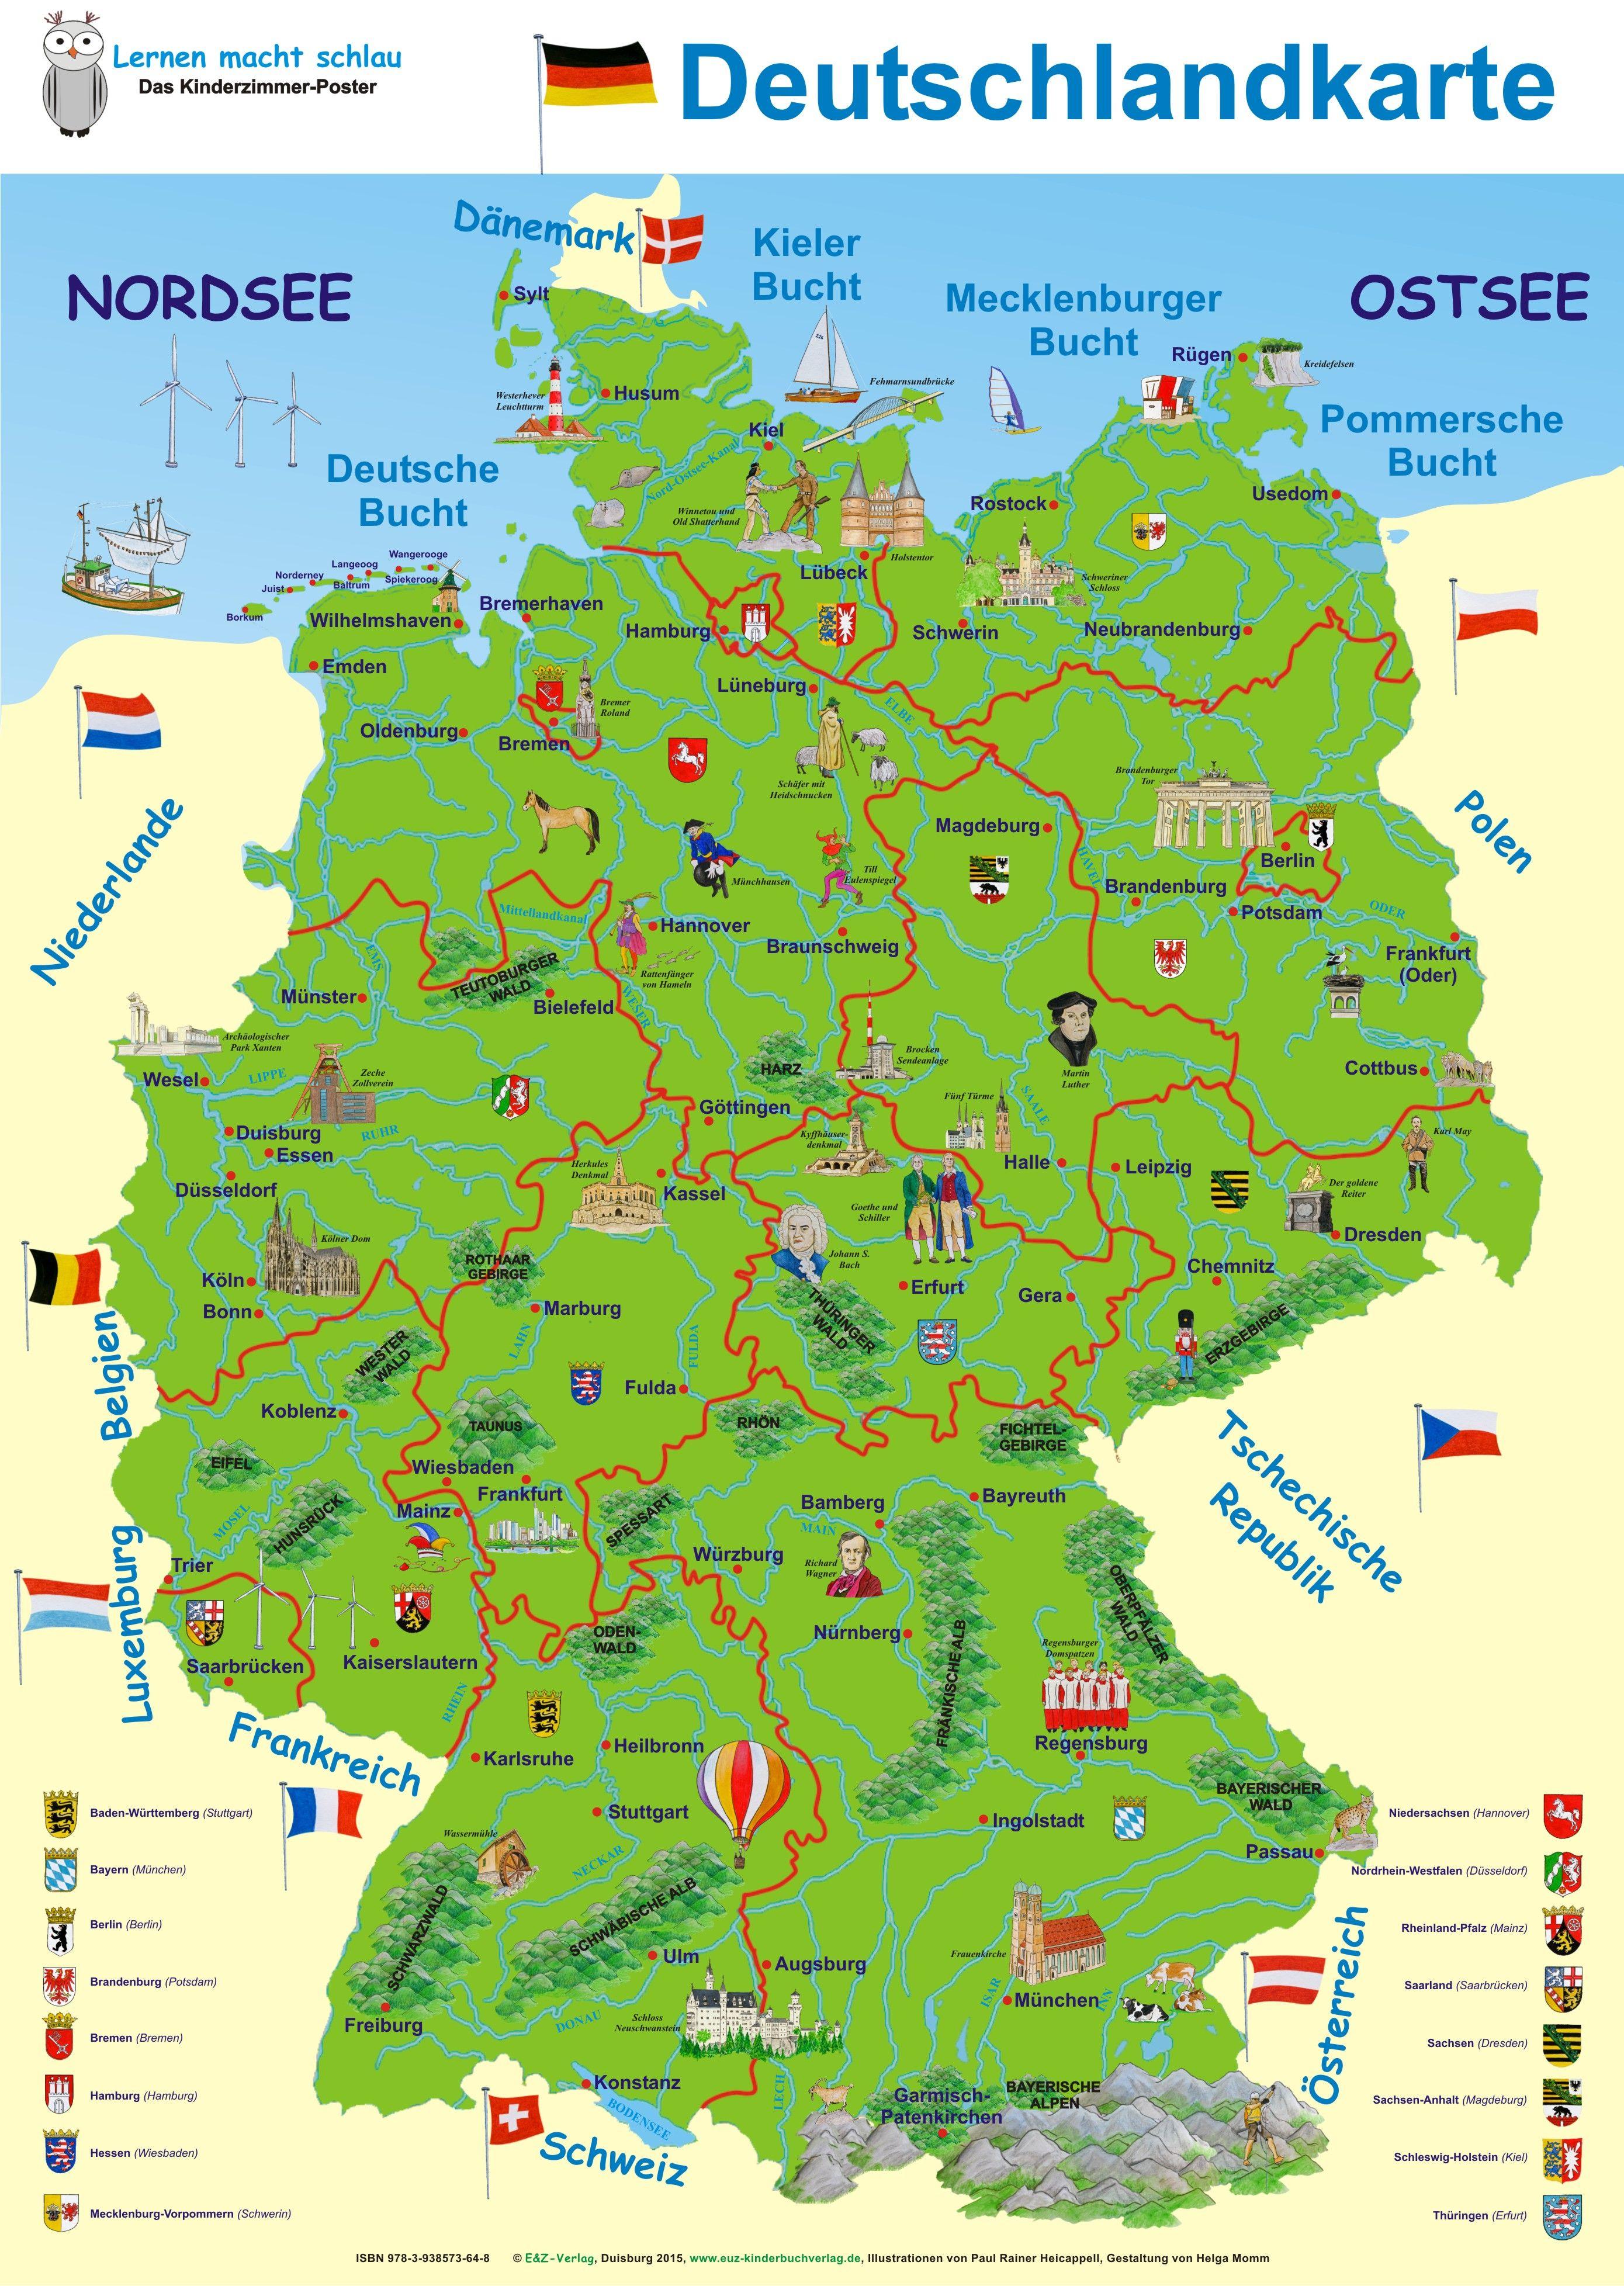 deutschland karte online deutschlandkarte #deutschlandkarte | Deutschlandkarte, Italien